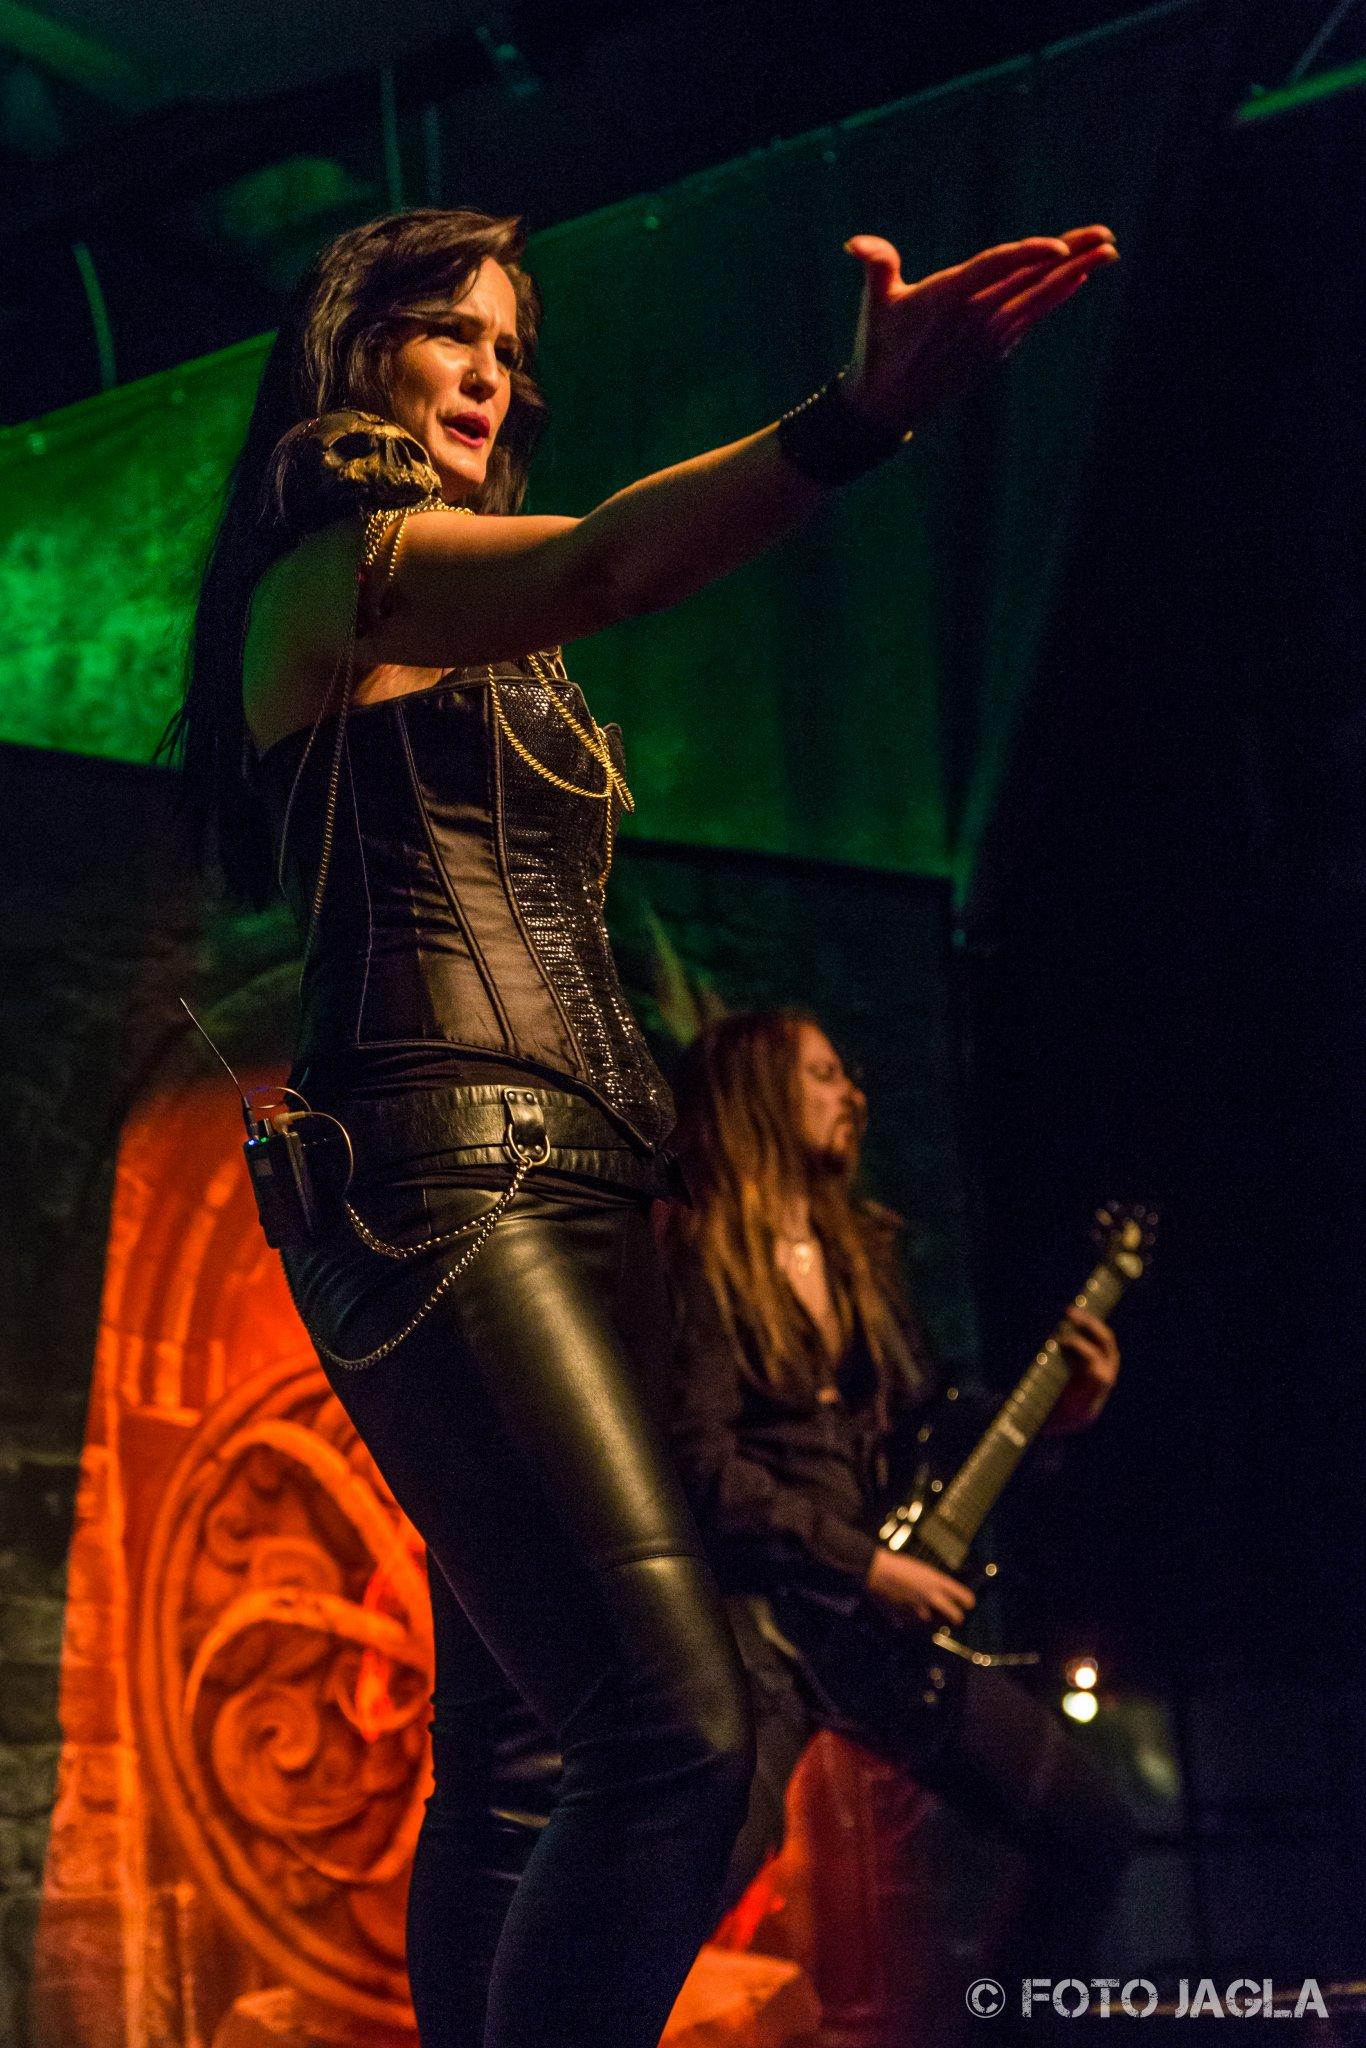 Xandria als Support-Band auf der Wolfsnächte Tour 2015 von Powerwolf am 05.09.2015 in der Live Music Hall in Köln